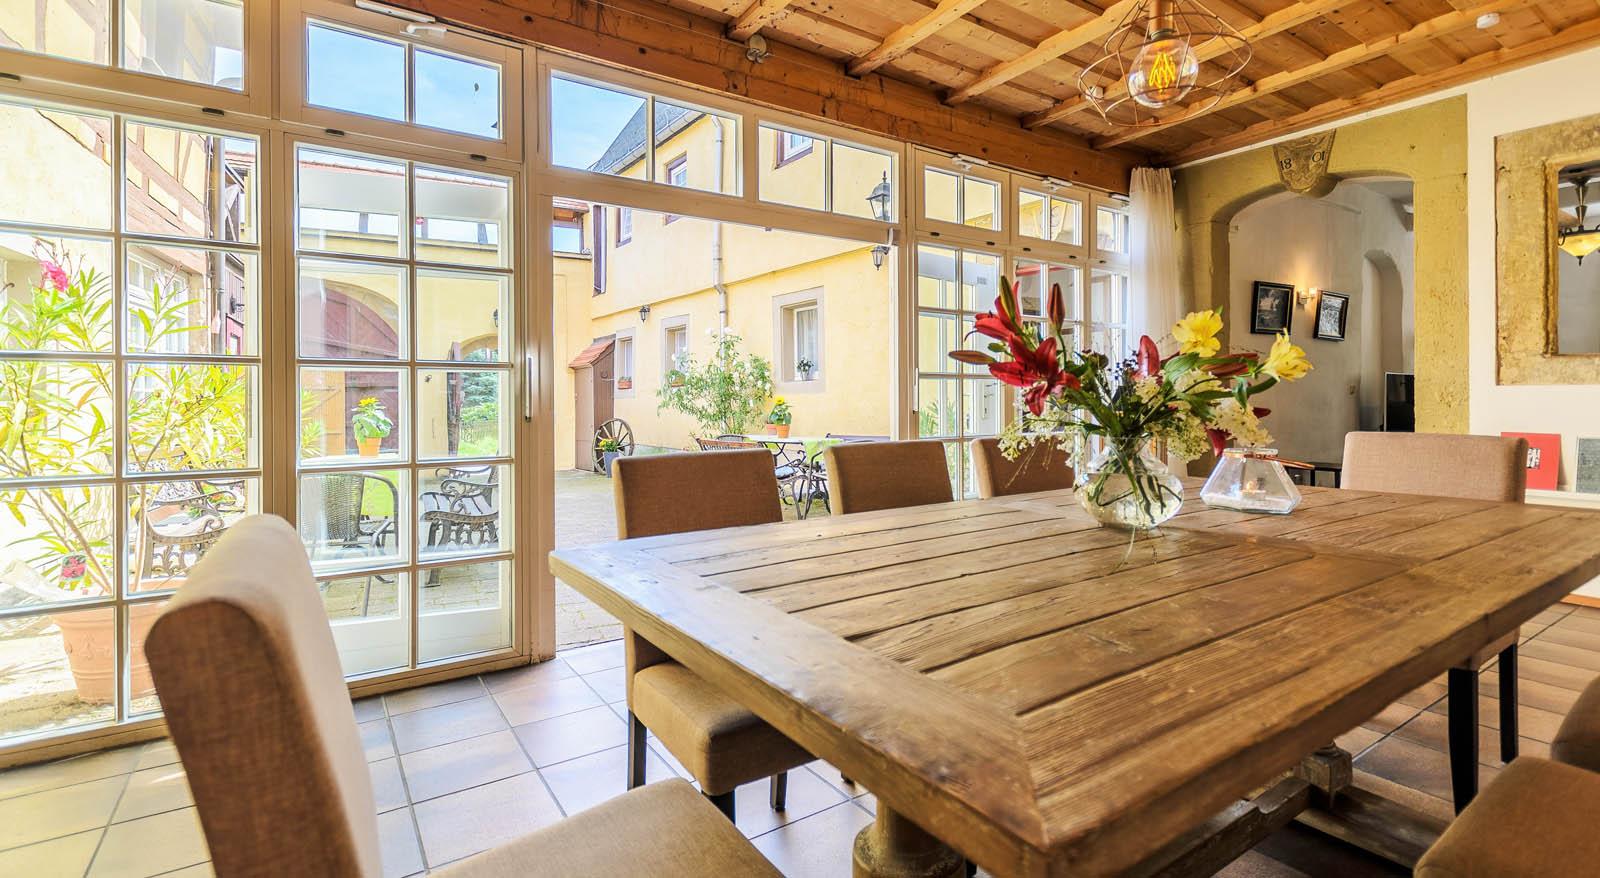 landhaus sobrigau monika wessel komfortable und gro z gige ferienwohnungen. Black Bedroom Furniture Sets. Home Design Ideas